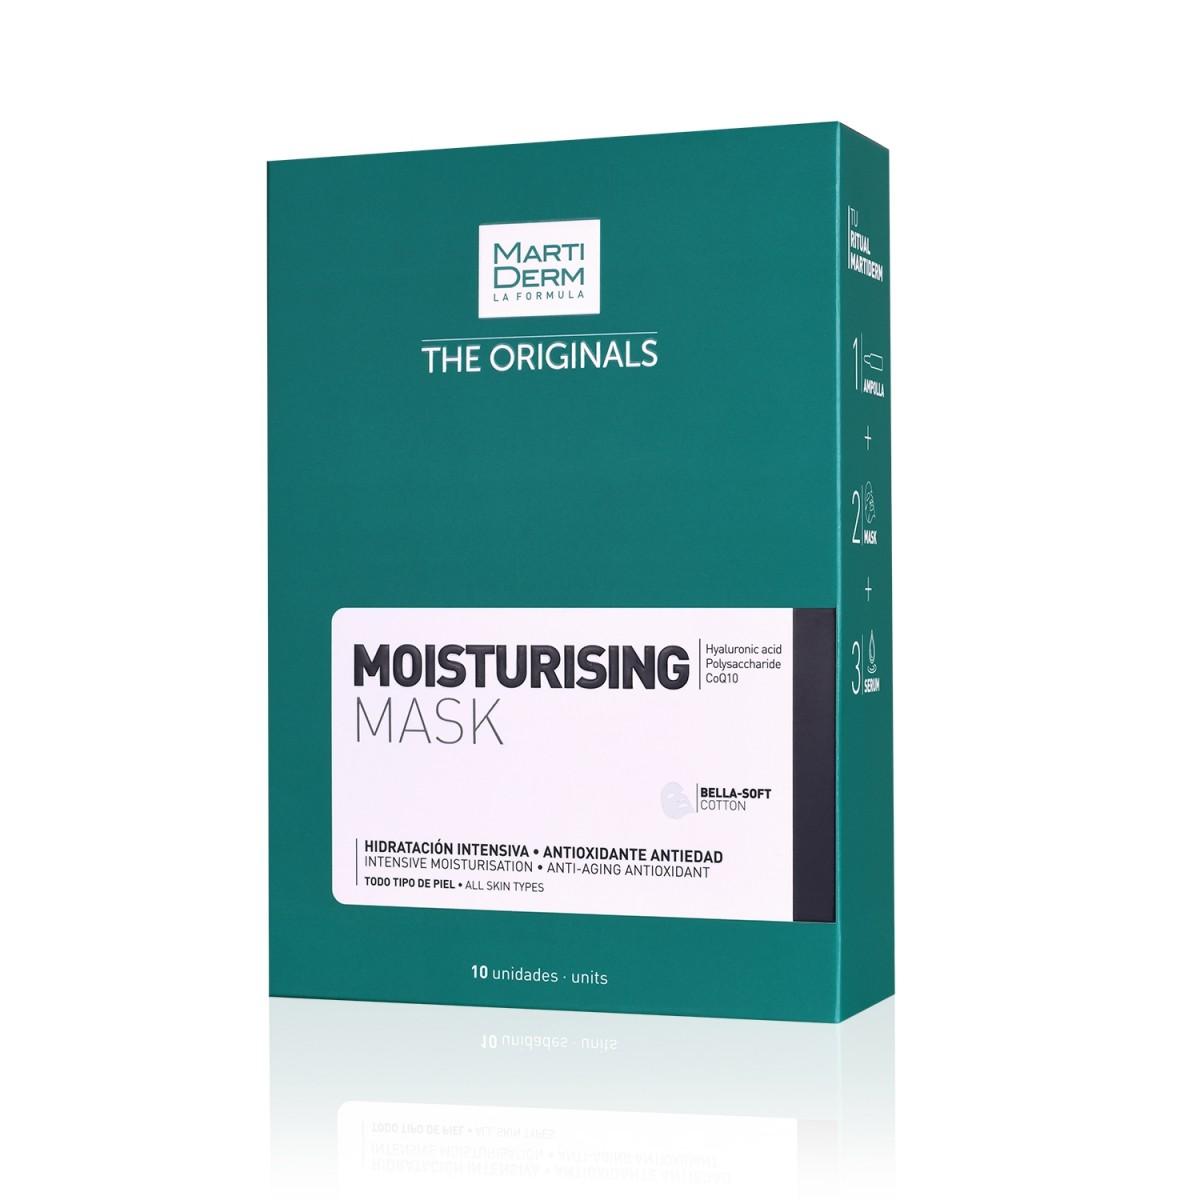 Увлажняющая тканевая маска Martiderm 1 шт